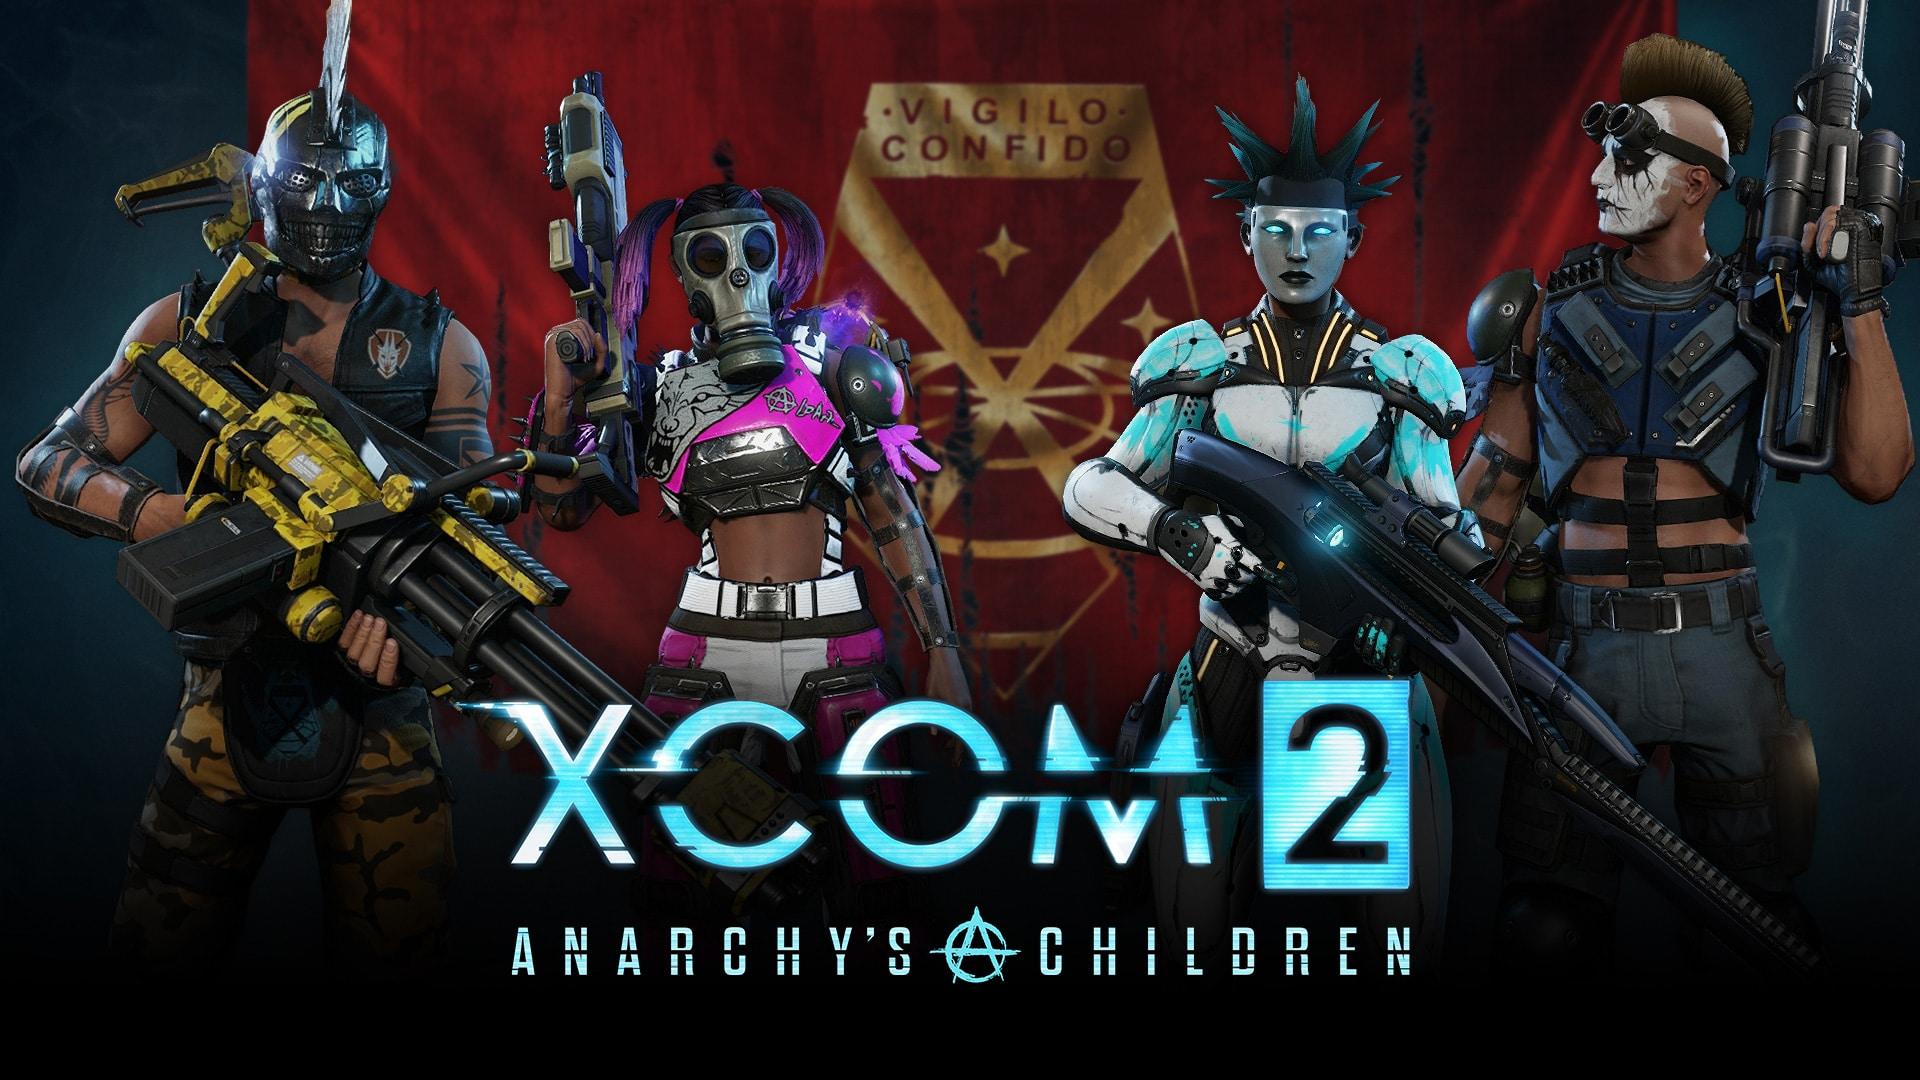 Bild von XCOM 2: Kinder der Anarchie DLC veröffentlicht